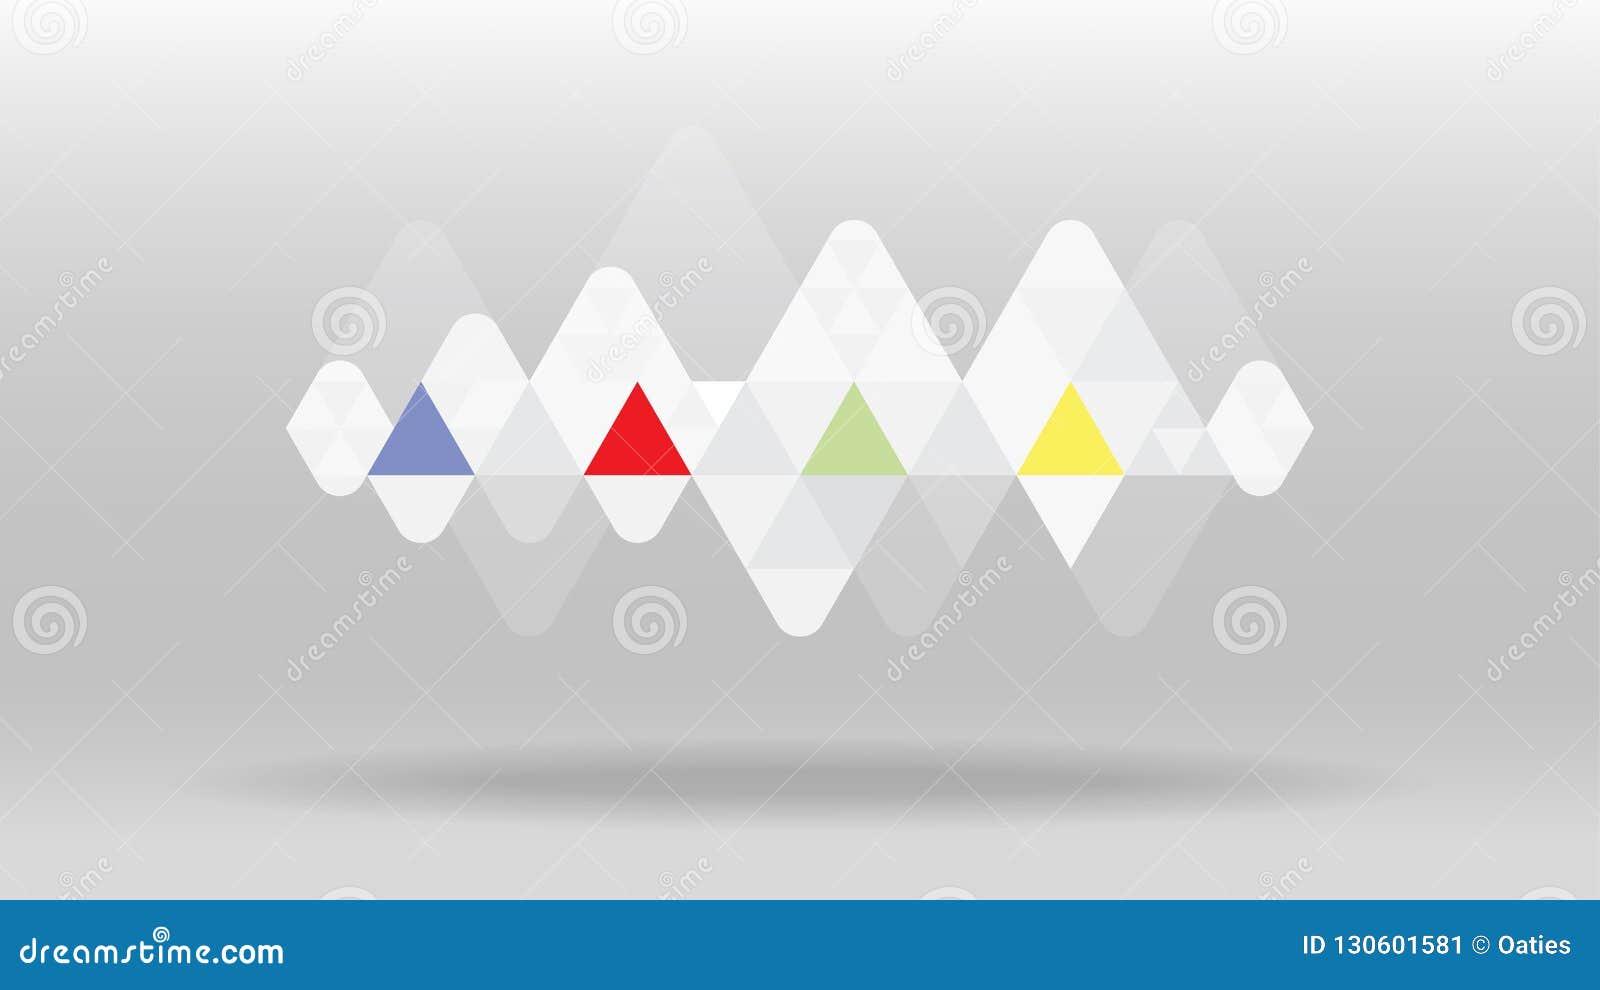 Fondo geométrico del vector del extracto de la onda acústica